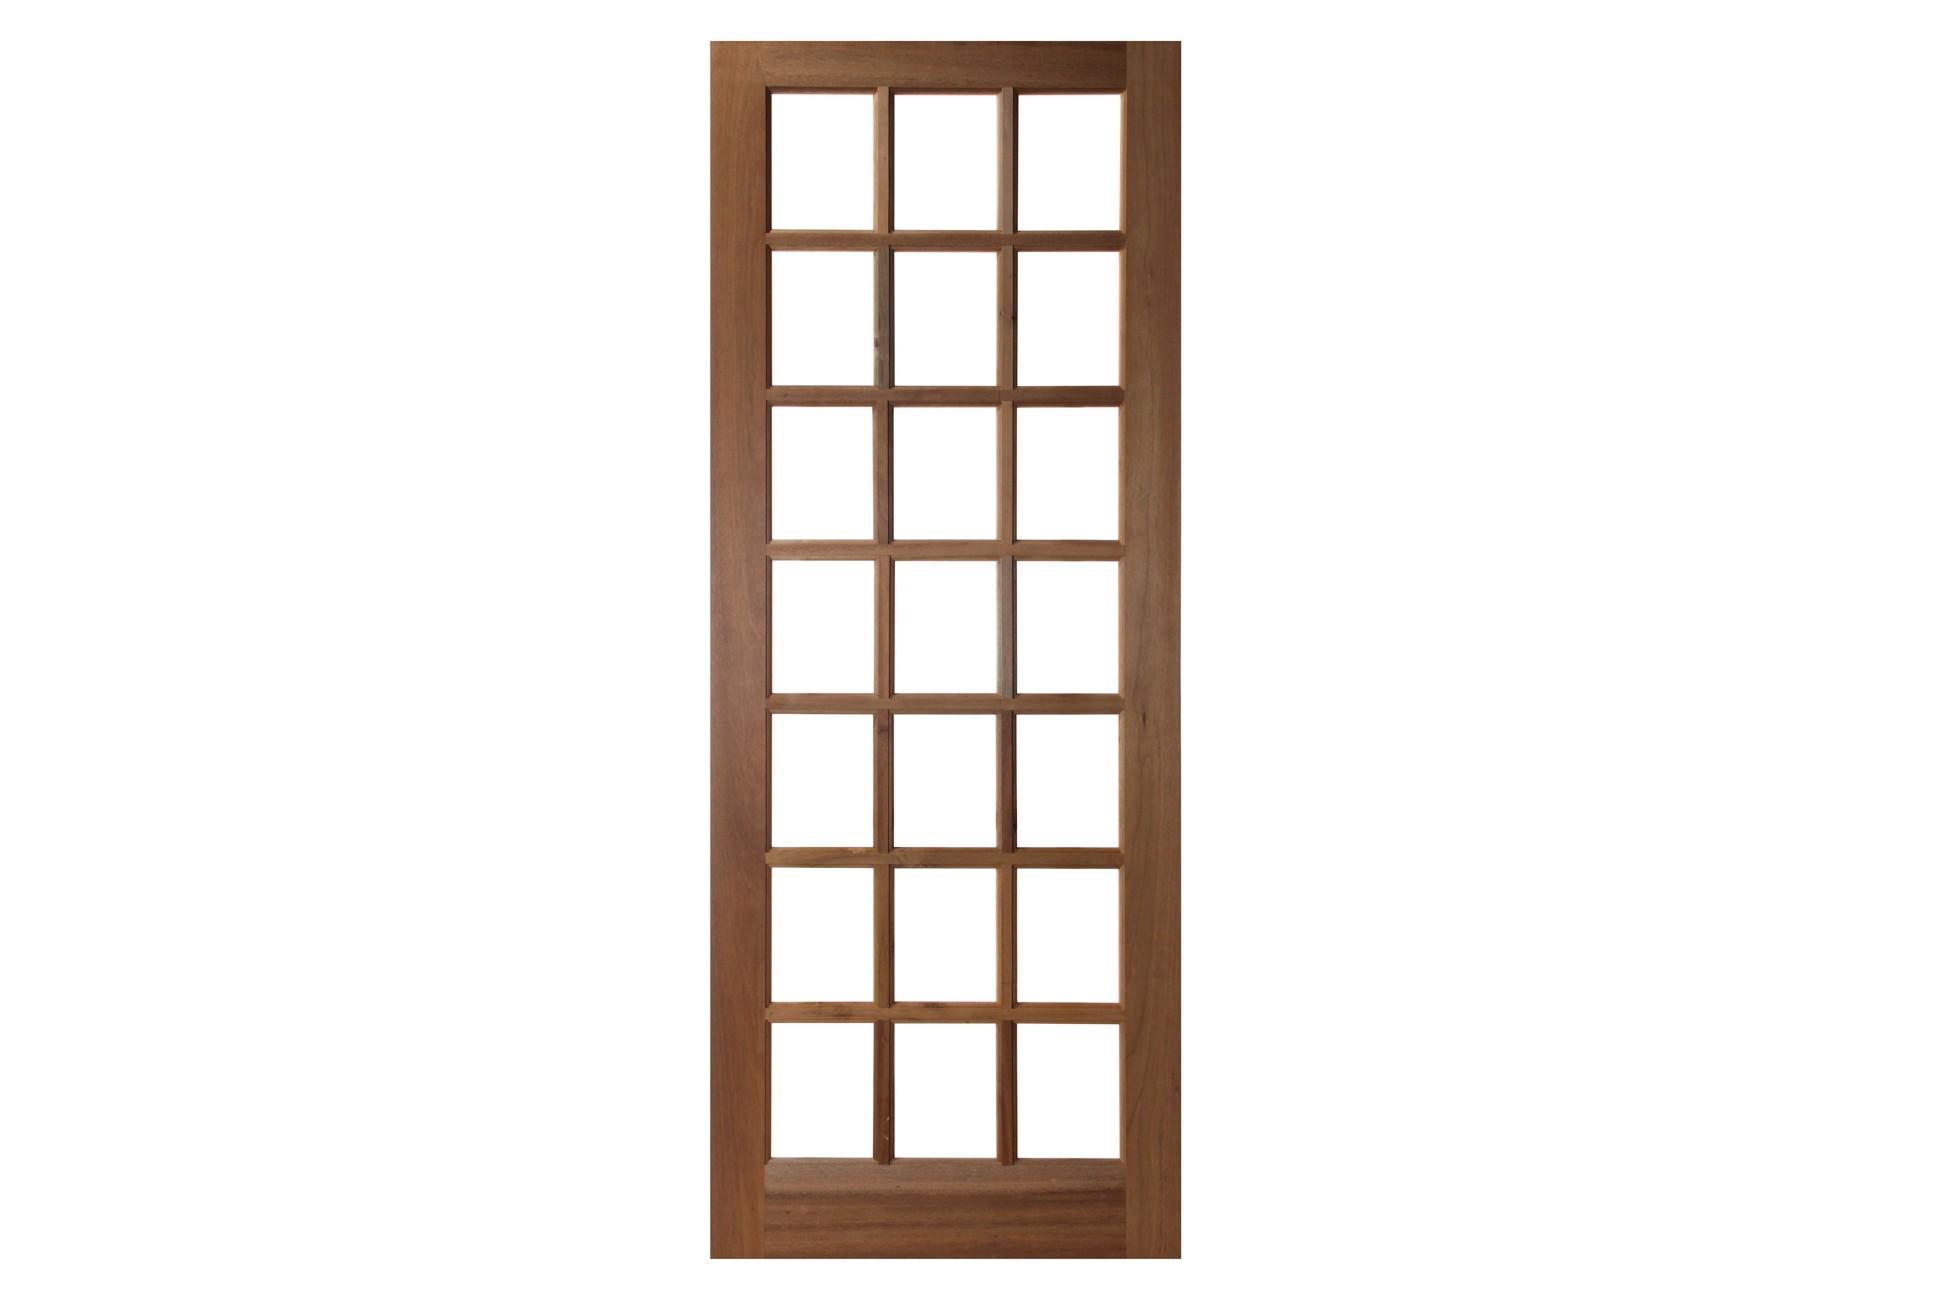 Porta de Madeira Maciça 21 Vidros sem Almofada Reto Interno Padrão Imbuia